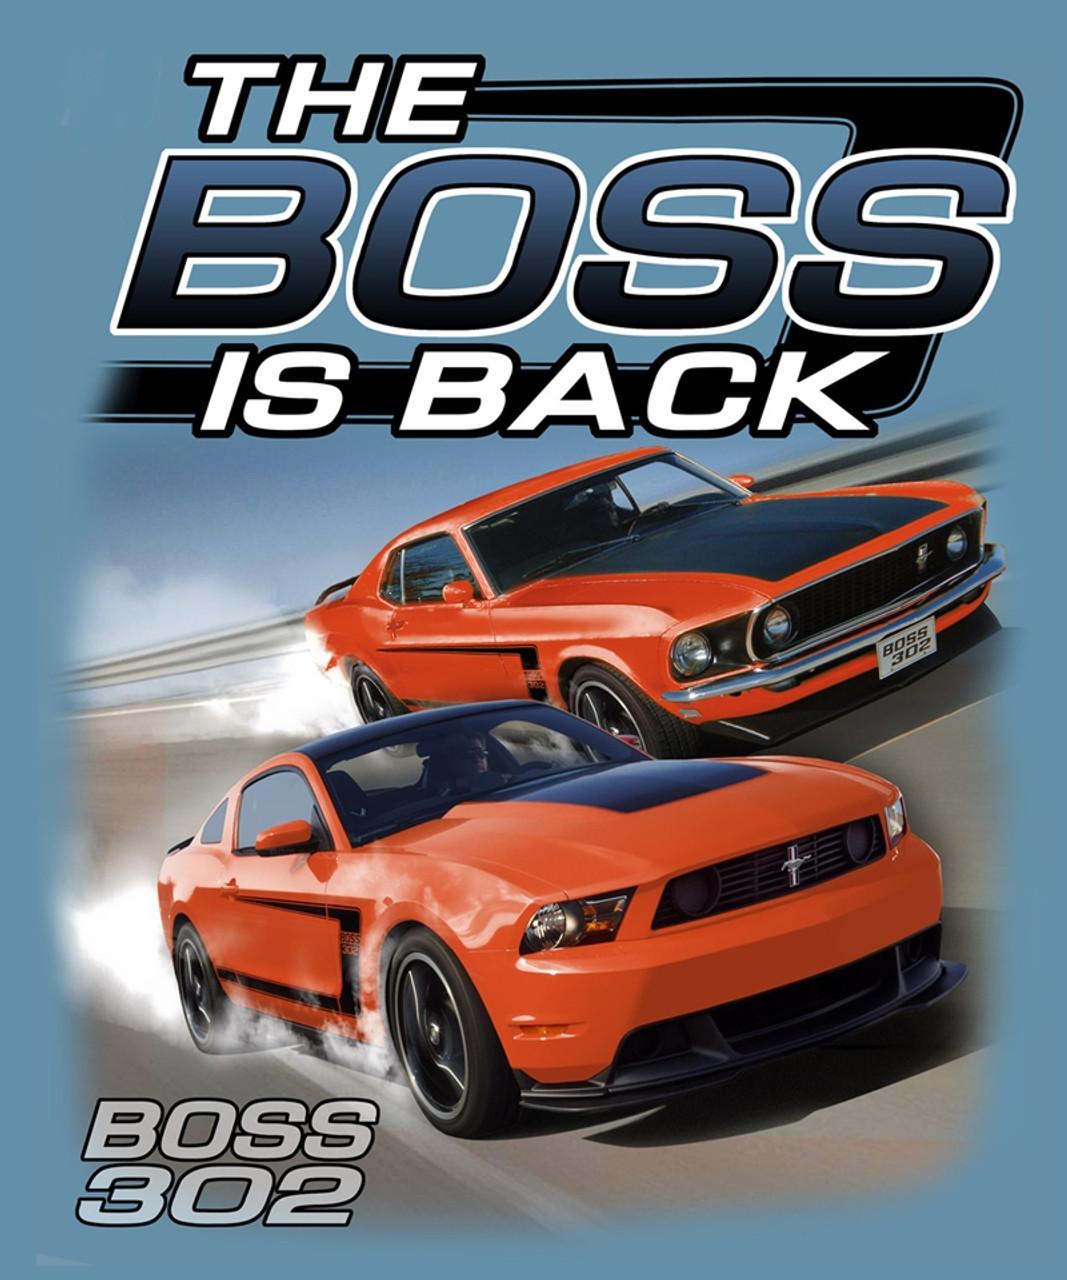 The boss is back grabber orange late model